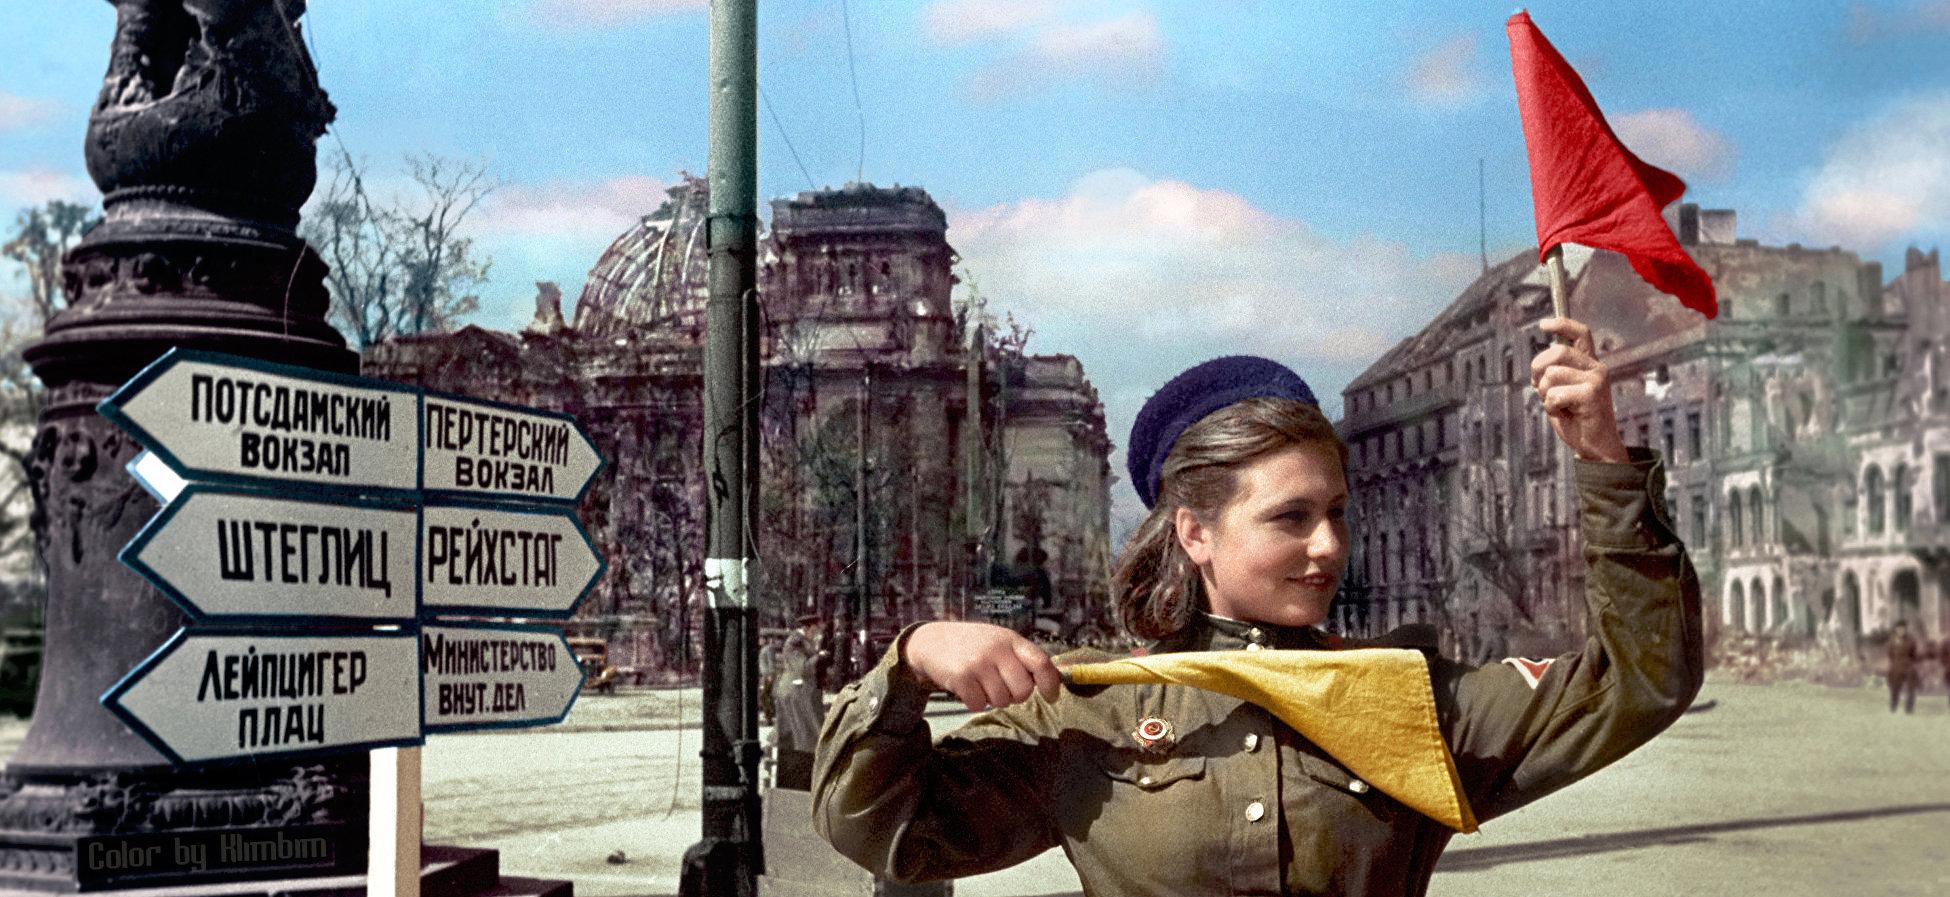 La soldado soviética Katya Spivak patrullando las calles de Berlín, el 10 de mayo de 1945